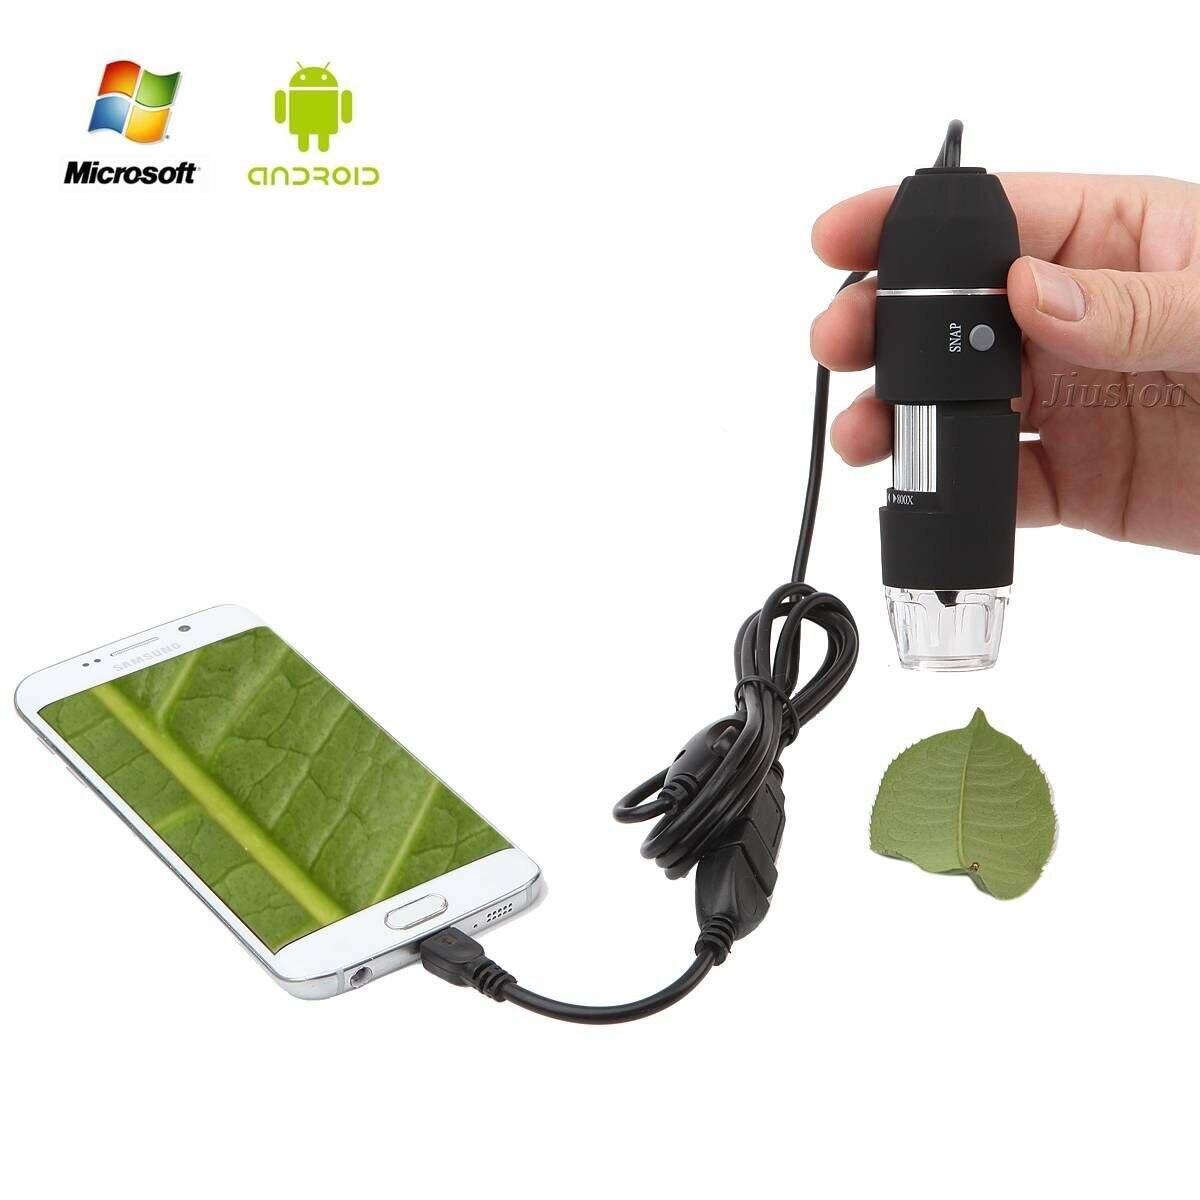 500 800 1000x USB Digital Mikroskop Kamera Vergrößerung Endoskop OTG mit Standplatz für Samsung Android Mobile Fenster Radio